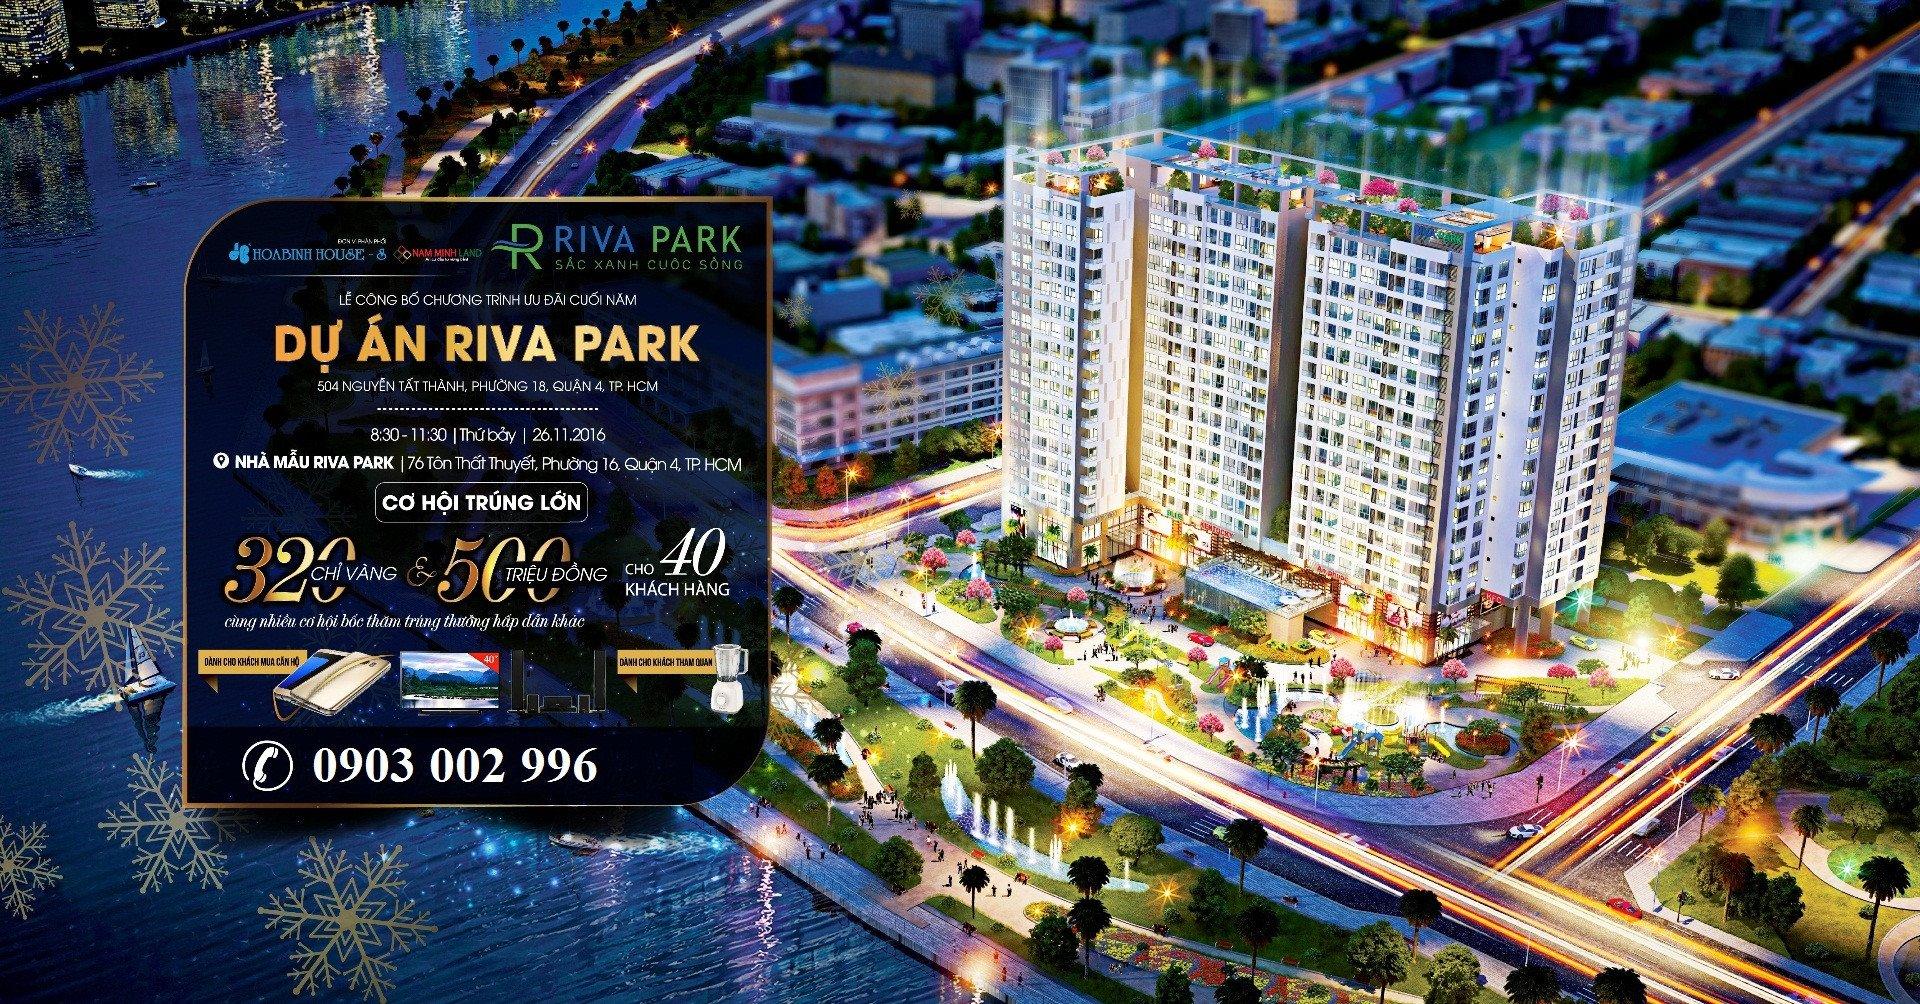 Bán căn hộ Riva Park Q4 - Chỉ TT 30% nhận nhà T7/2017, giao toàn bộ nội thất đầy đủ cao cấp